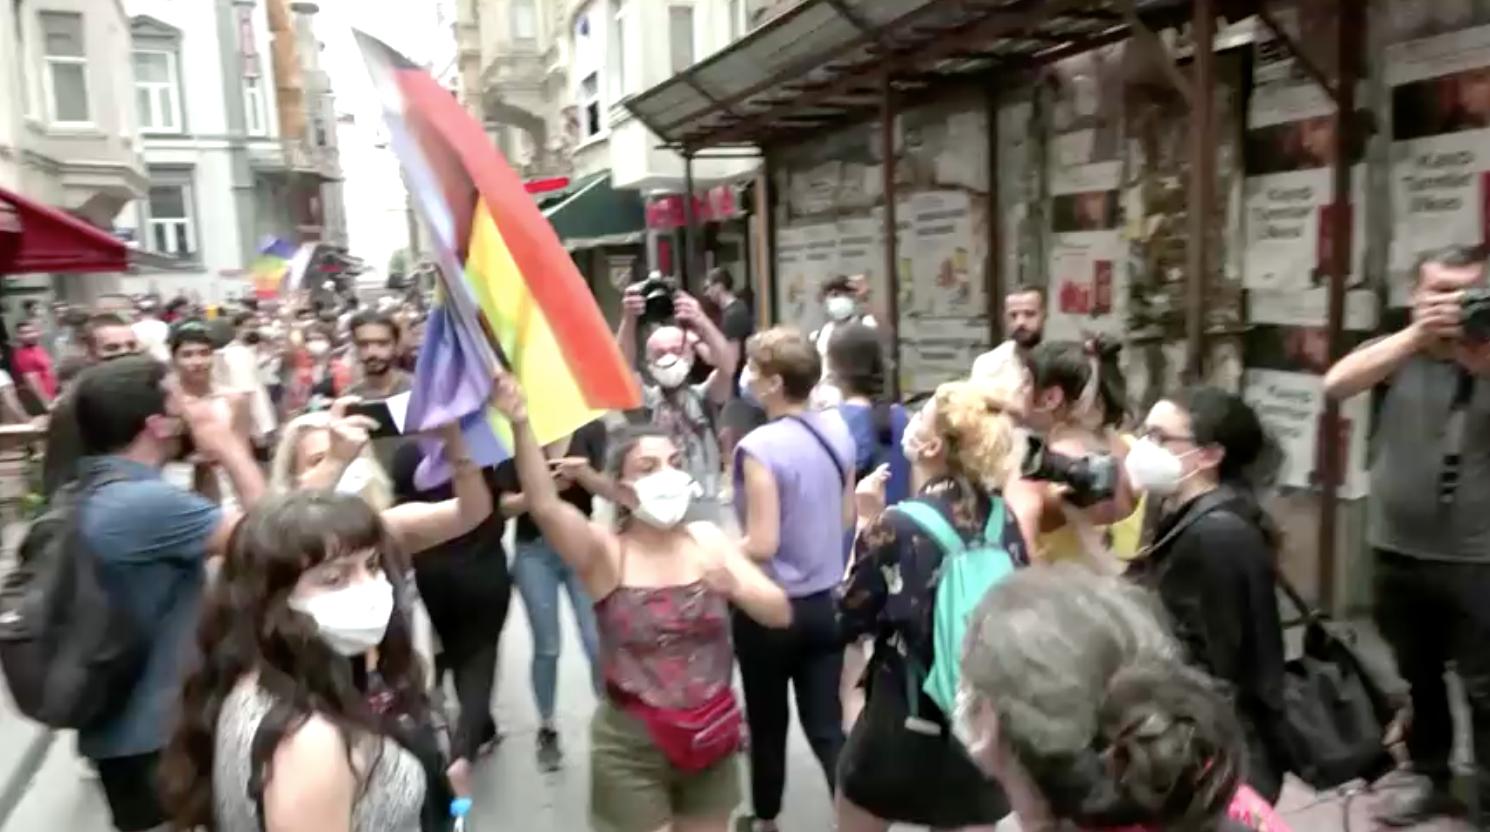 Cảnh sát Thổ Nhĩ Kỳ bắn hơi cay để giải tán cuộc diễn hành Pride ở Istanbul